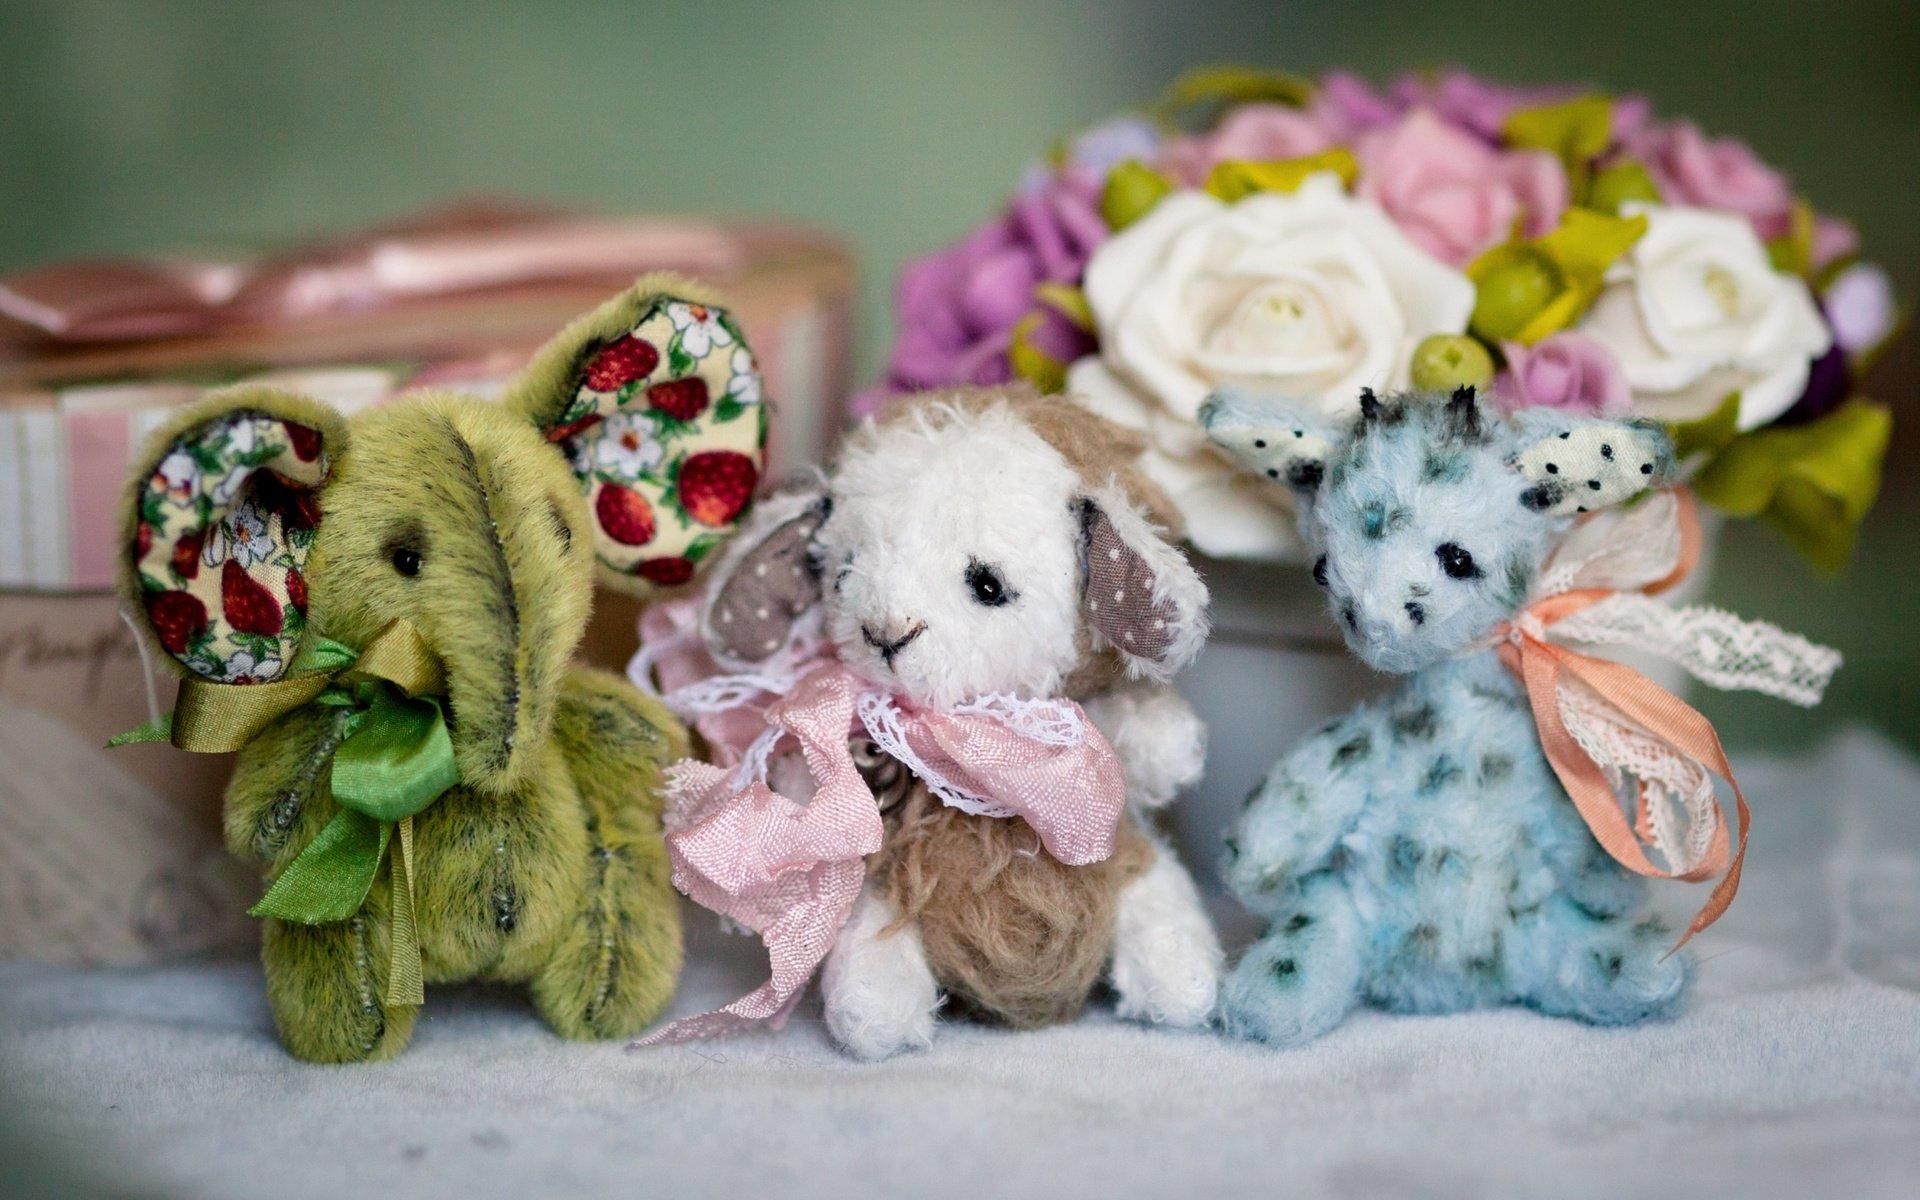 Букеты из игрушек : 30 фото, как сделать букеты из мягких игрушек